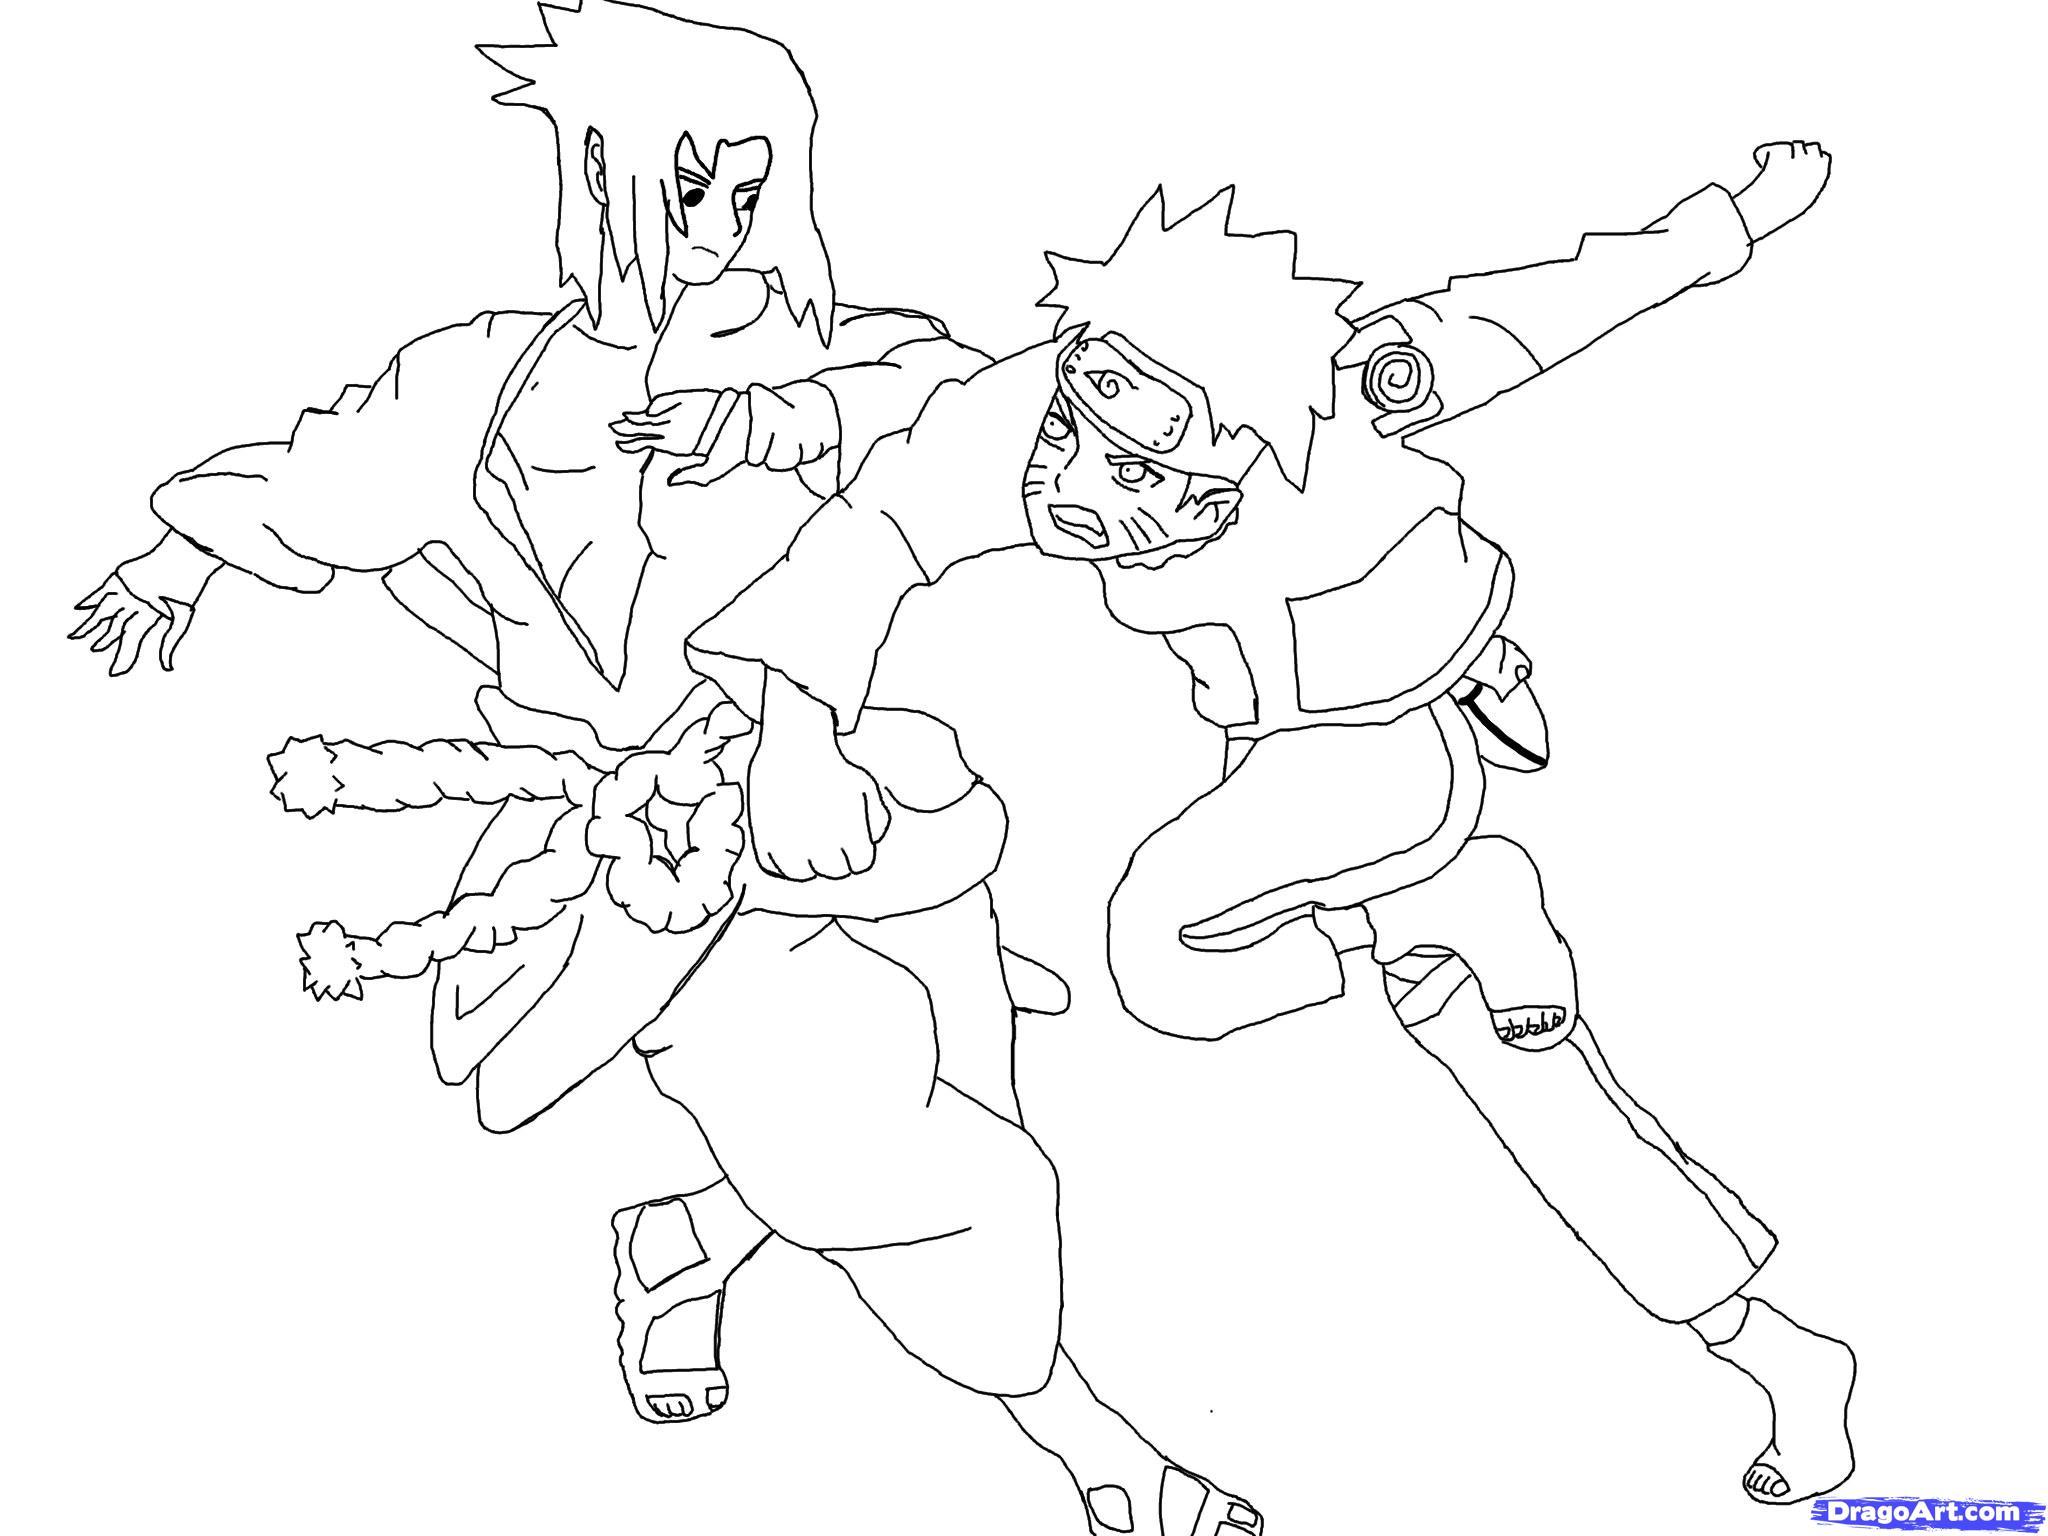 Как нарисовать Наруто против Саске на бумаге карандашом поэтапно